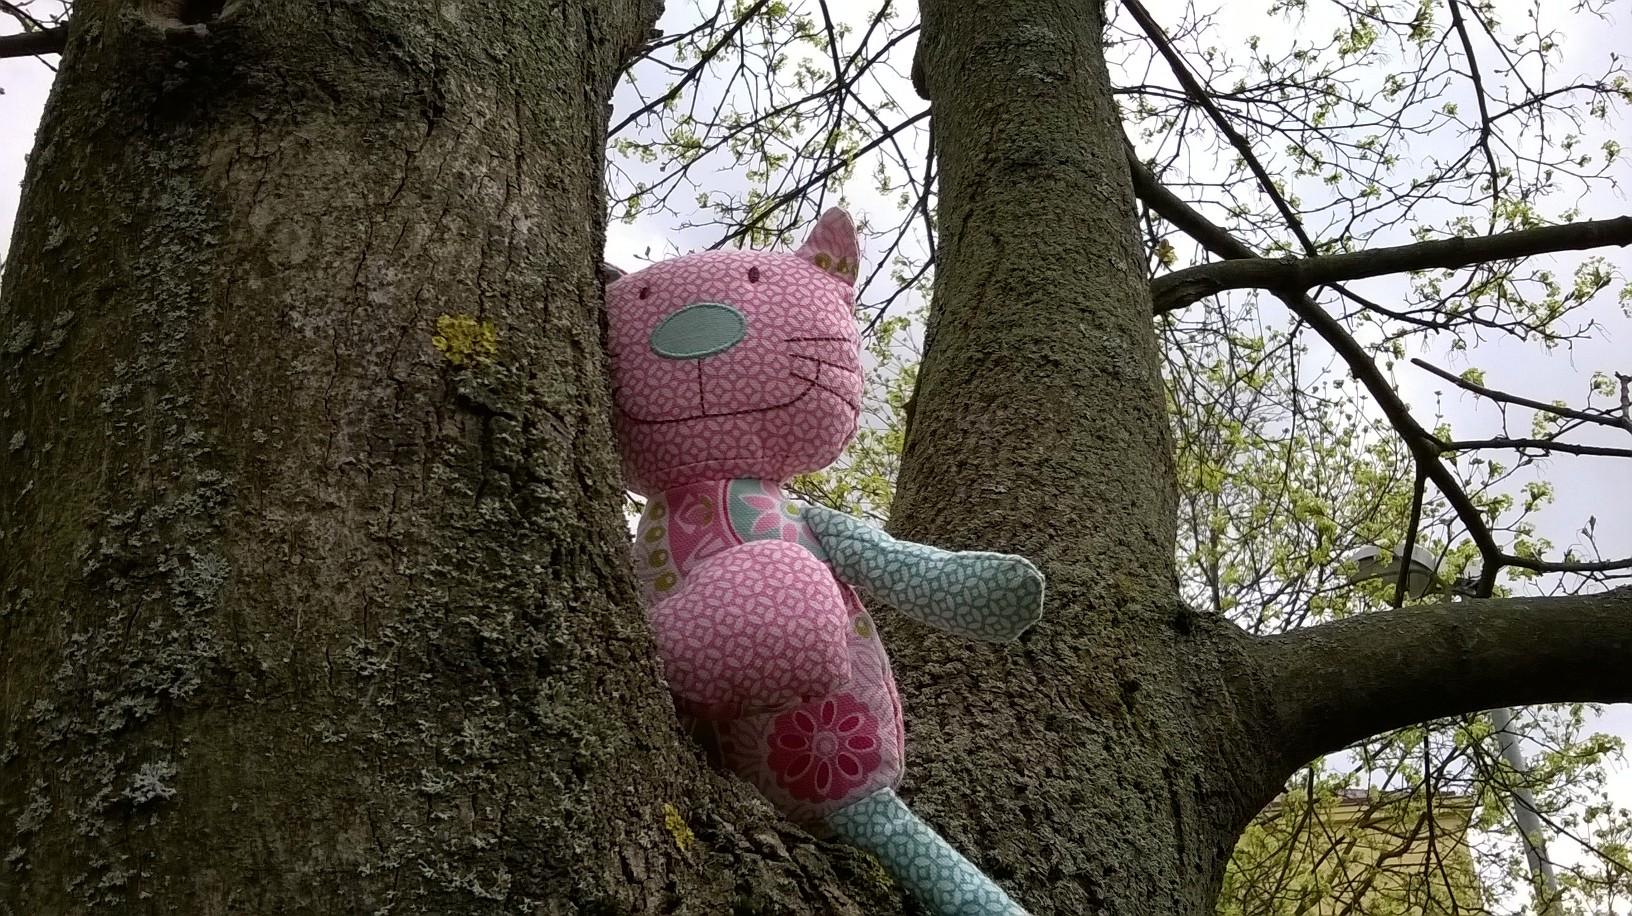 Tämä kissa ei ehkä omin avuin puusta alas pääse, mutta muut Sakkeukset löytävät lähes aina itse tiensä alas puusta.